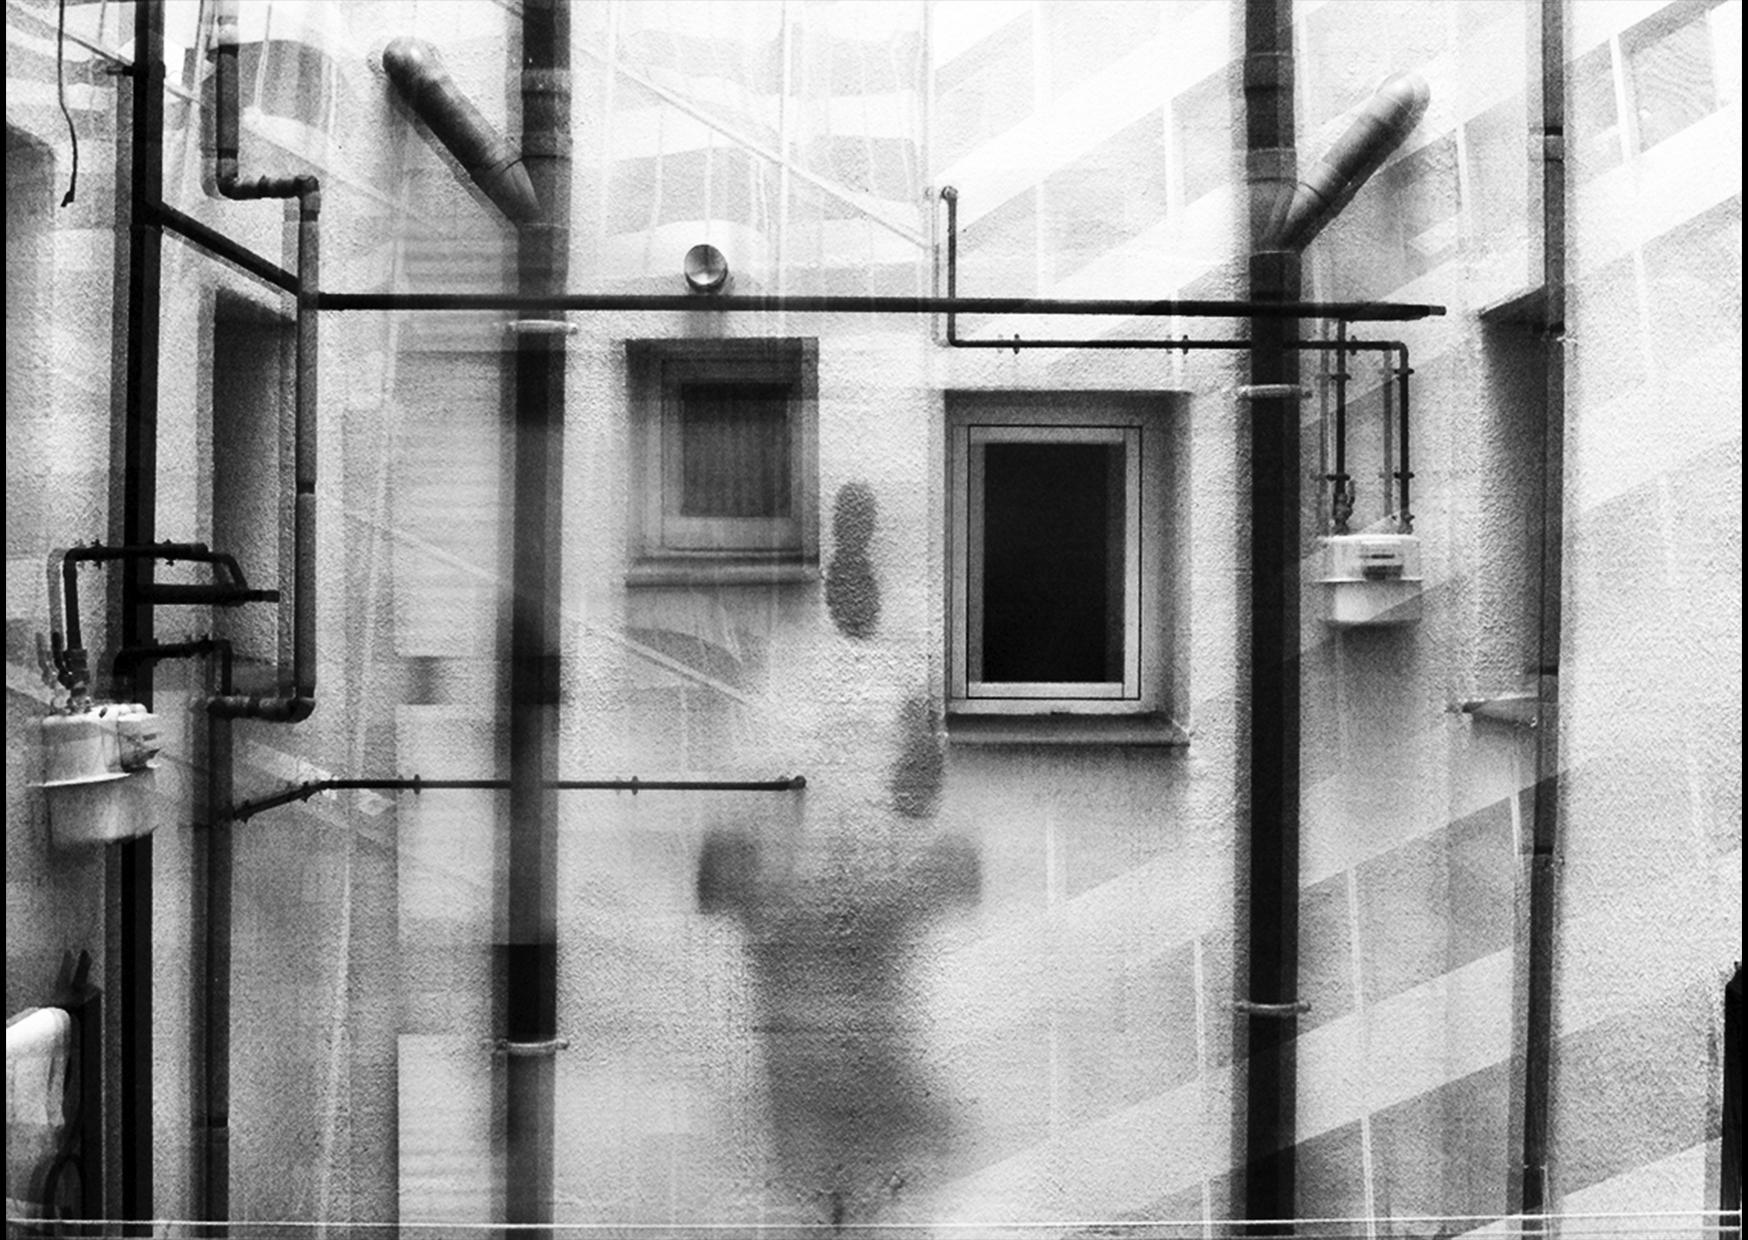 Movimiento Linear de Salida (2012) - Emanuele Giusto - Kantfish